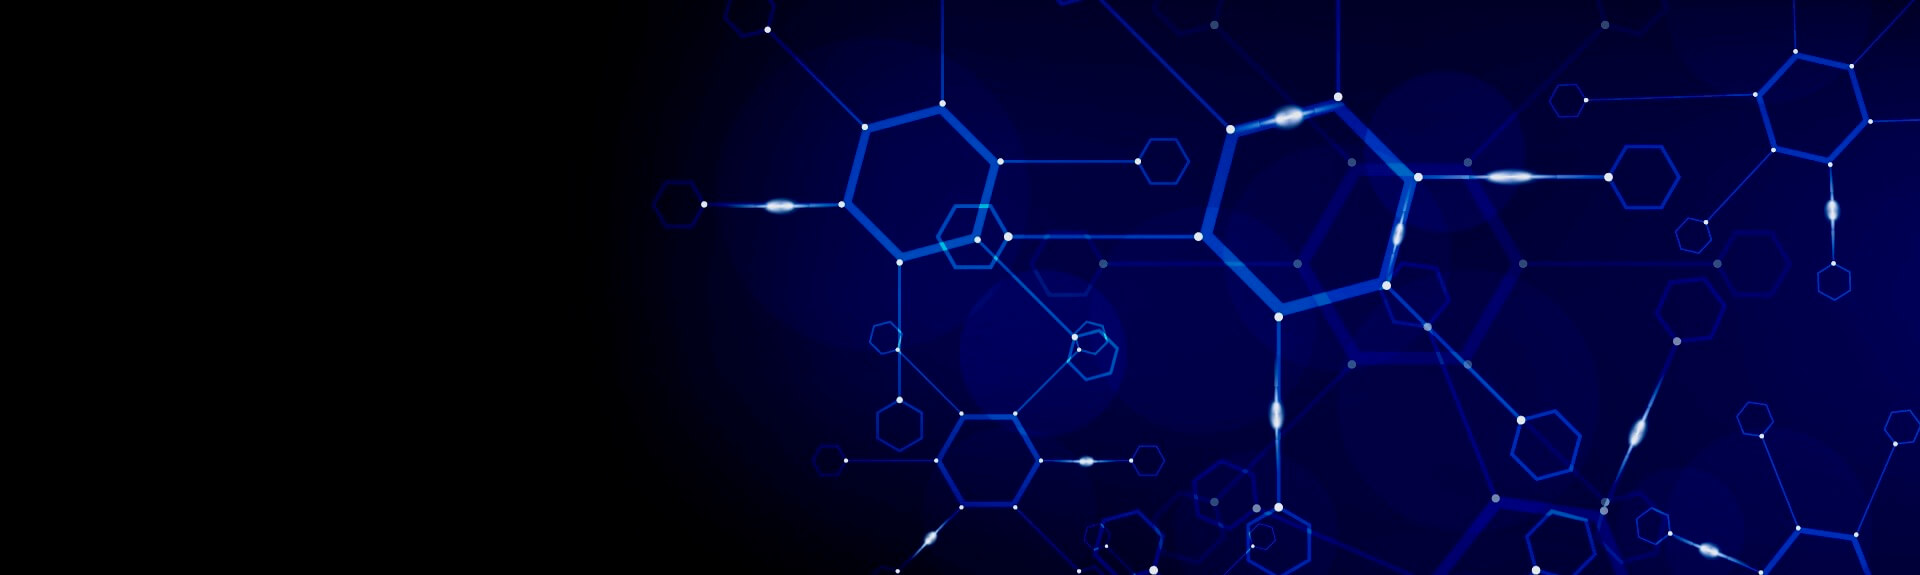 Illustation d'une structrure moléculaire hexagonale sur fond bleu